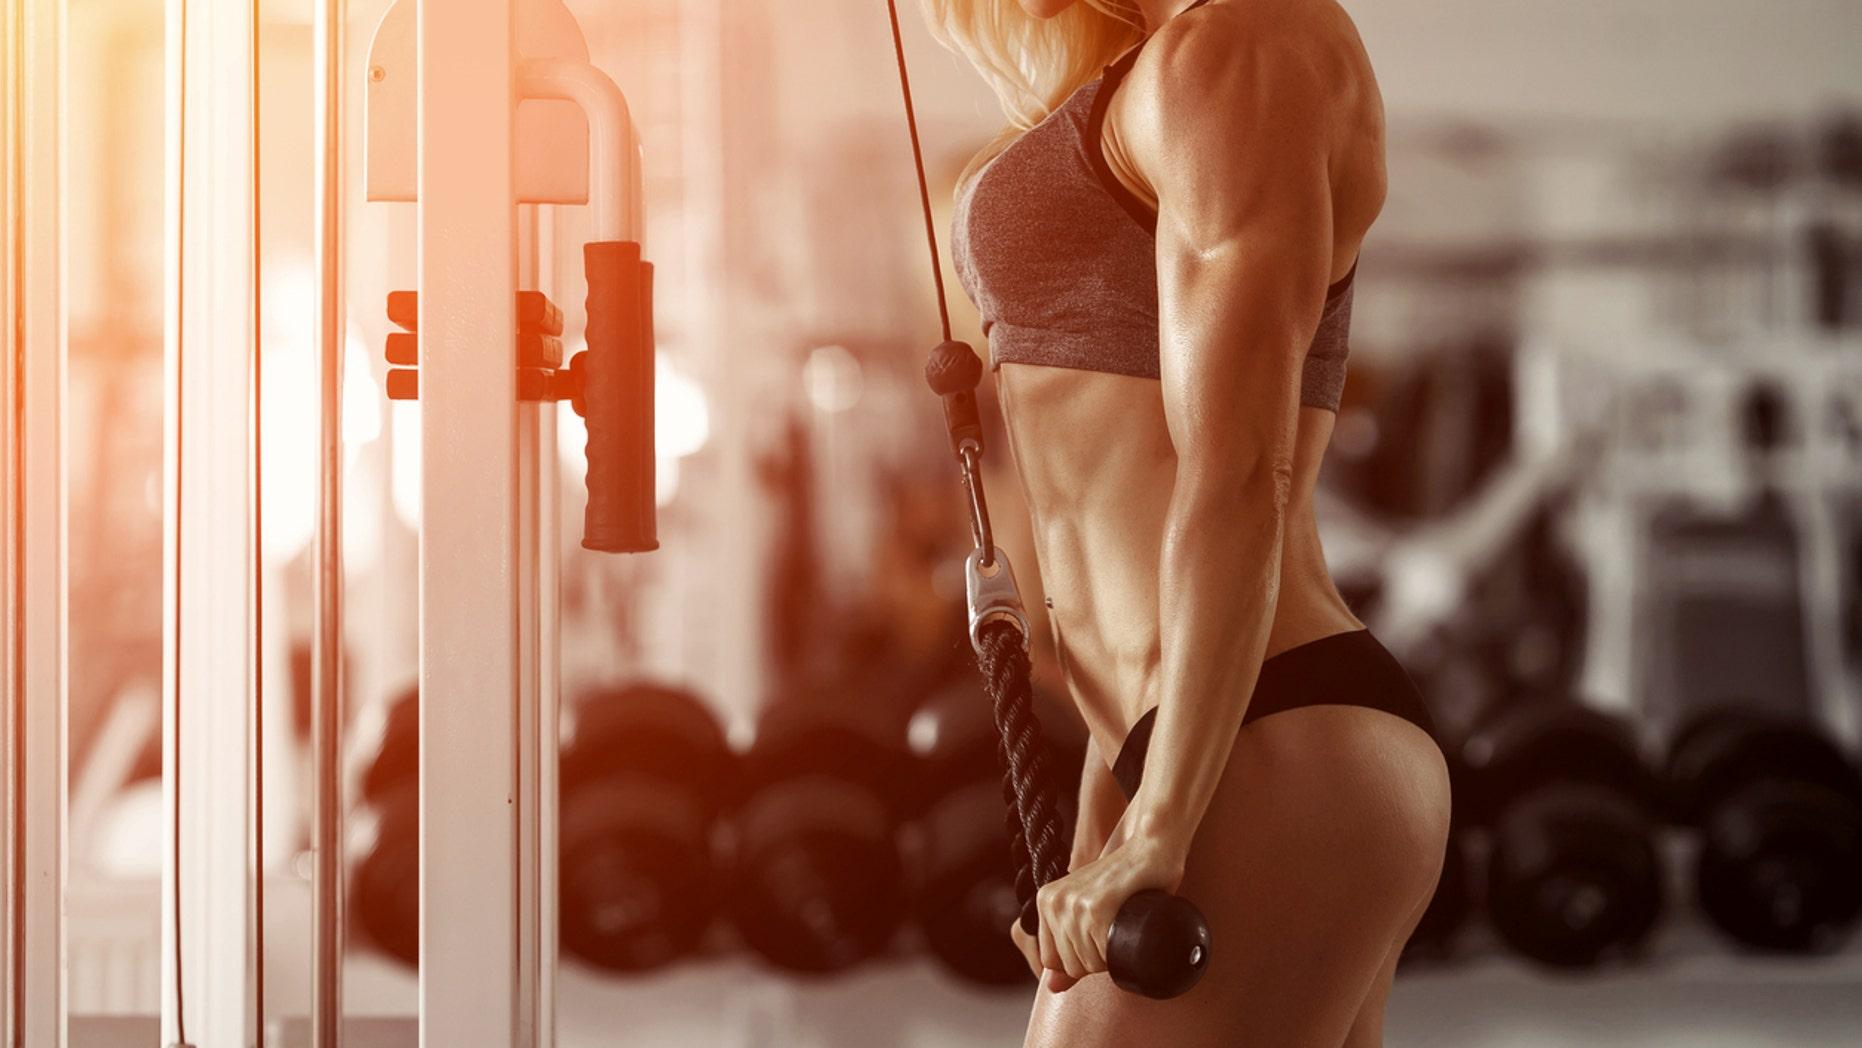 An Australian bodybuilder's protein-heavy diet led to her death.